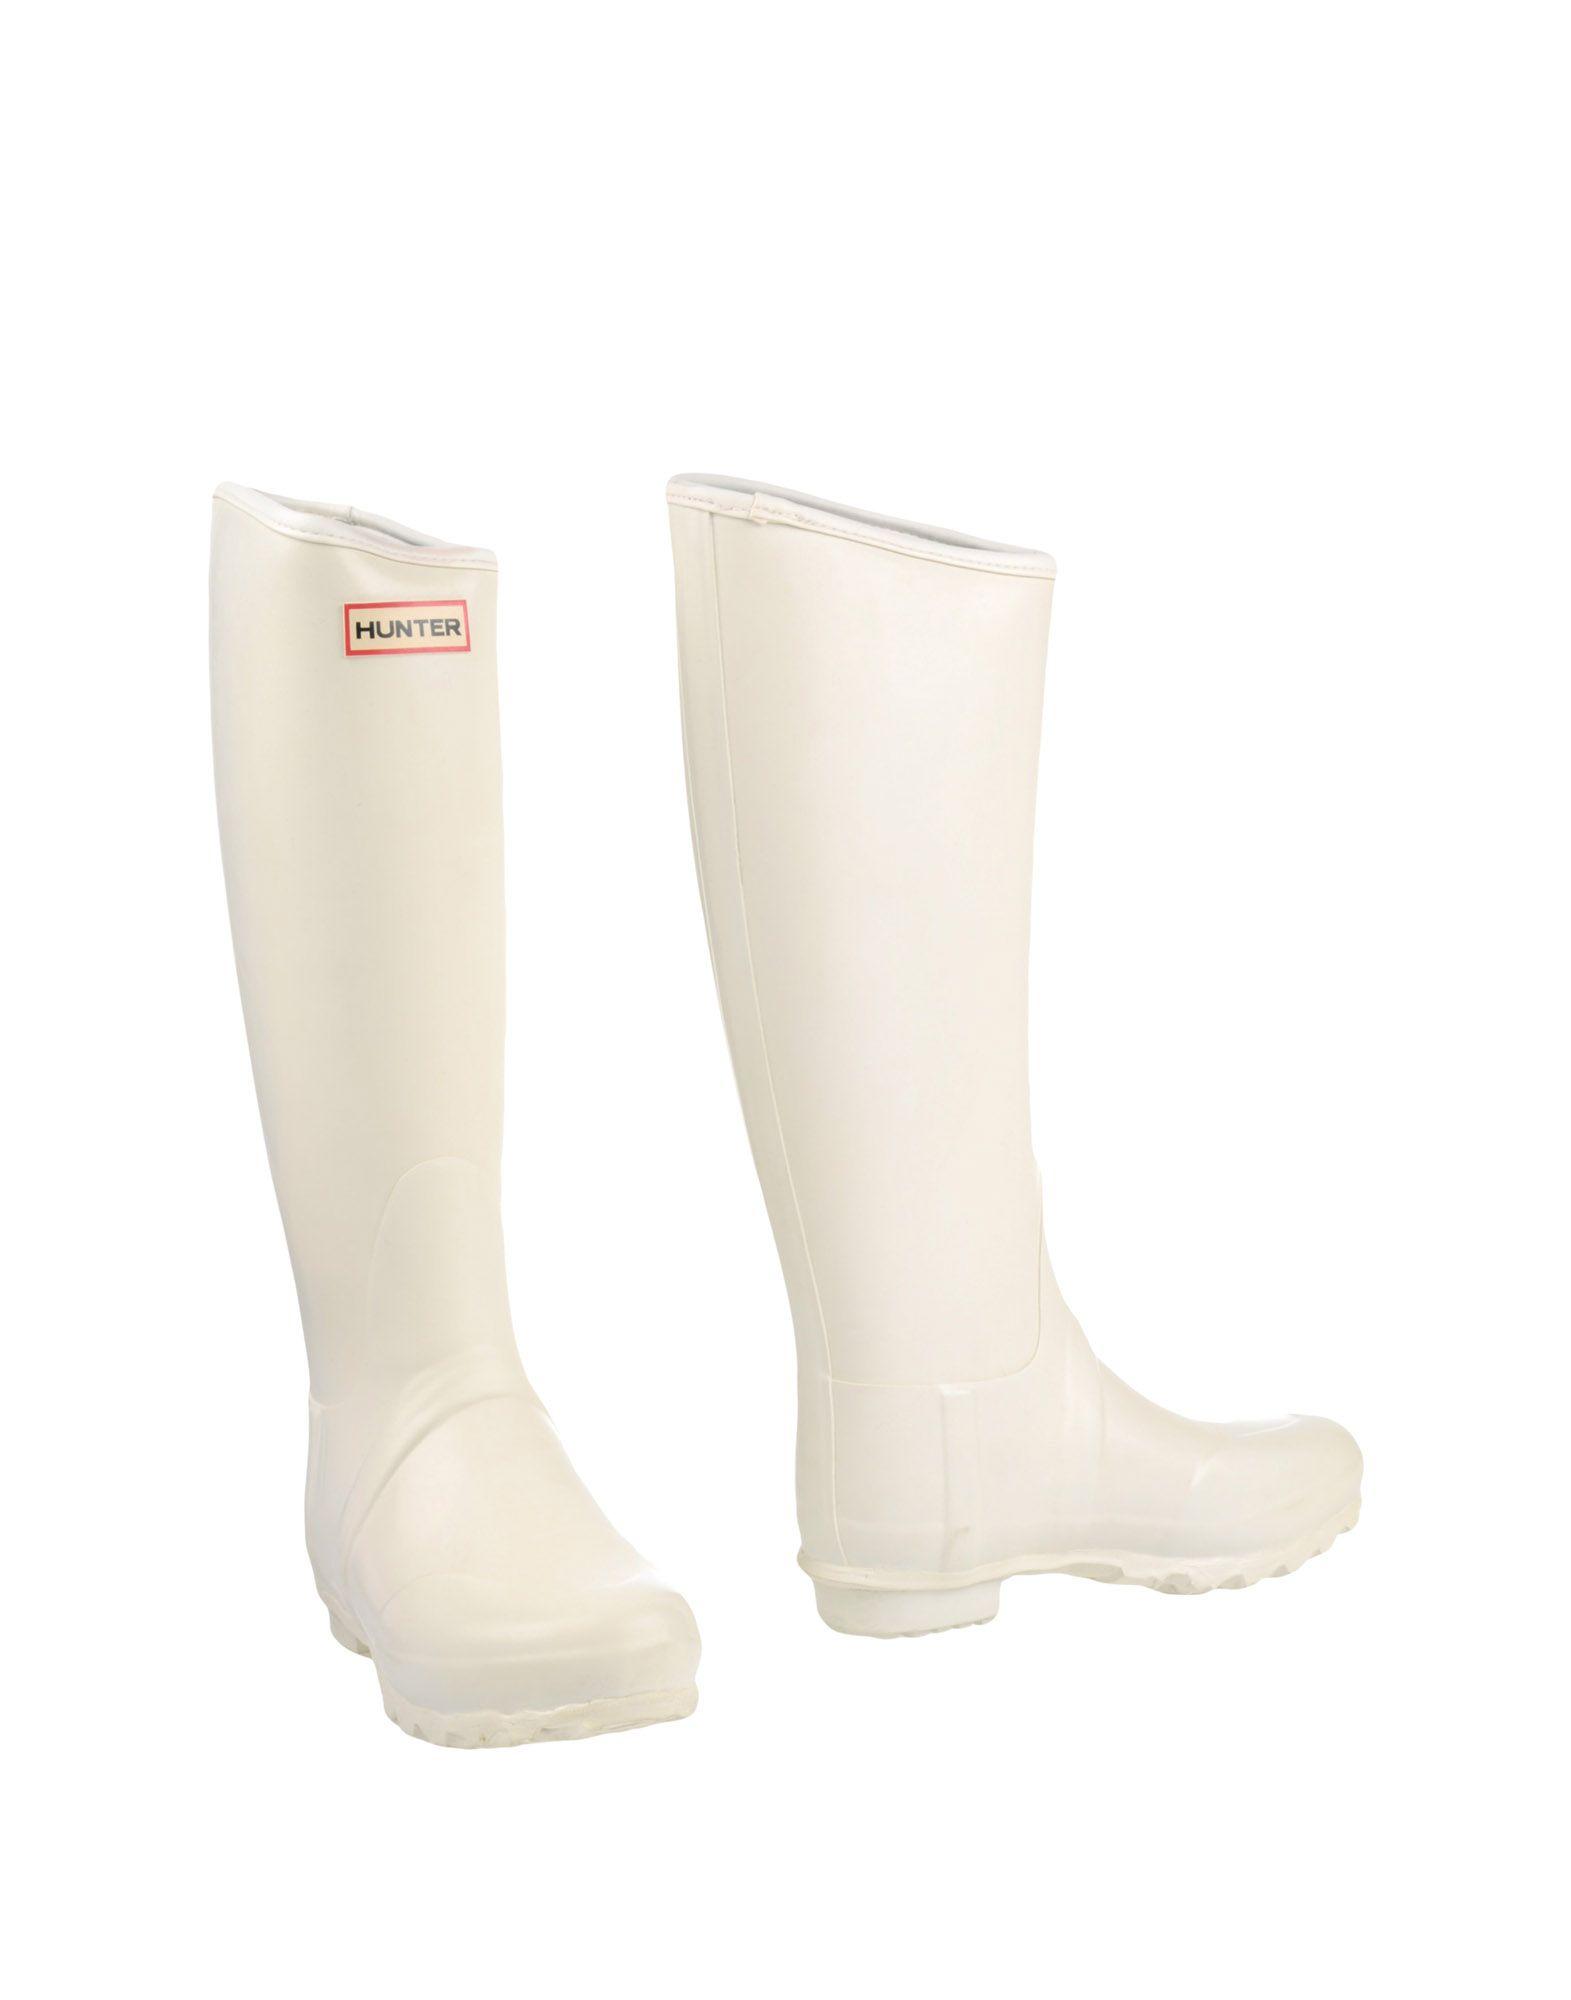 Hunter Gute Stiefel Damen  11271458KP Gute Hunter Qualität beliebte Schuhe 93b258